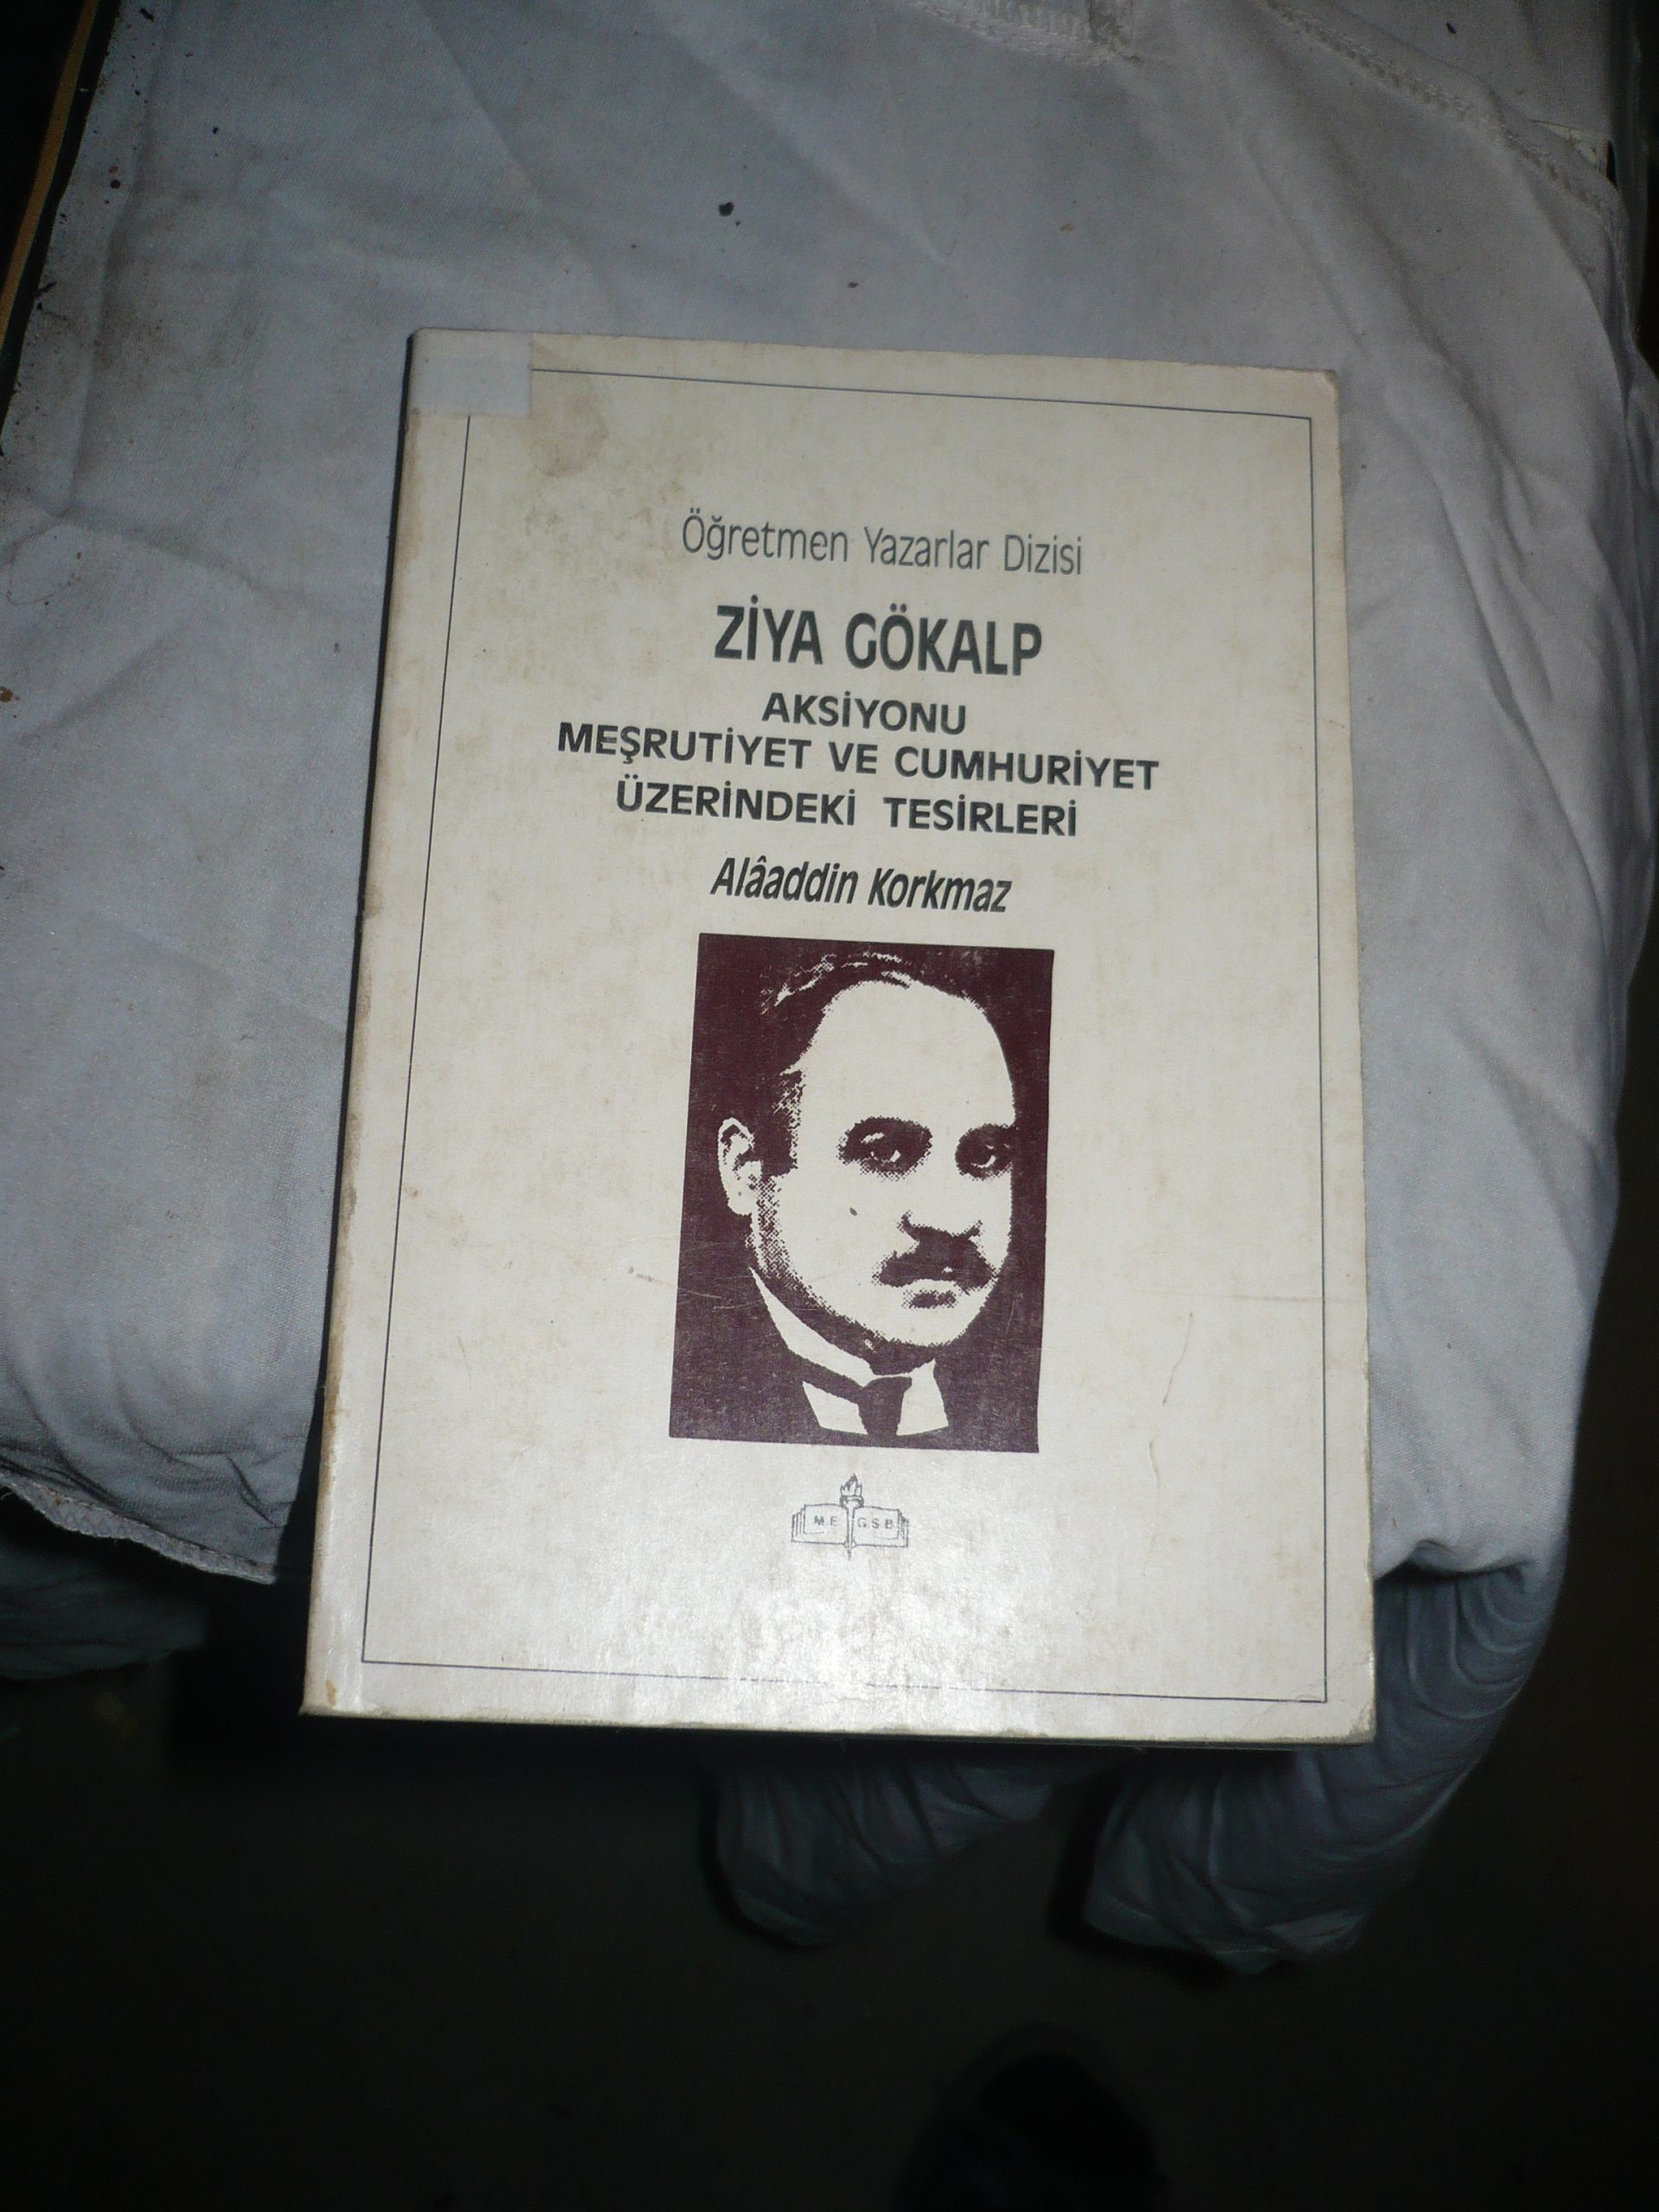 ZİYA GÖKALP-Aksiyonu Meşrutiyet ve Cumhuriyet üzerindeki tesirleri/Alaaddin KORKMAZ/15TL